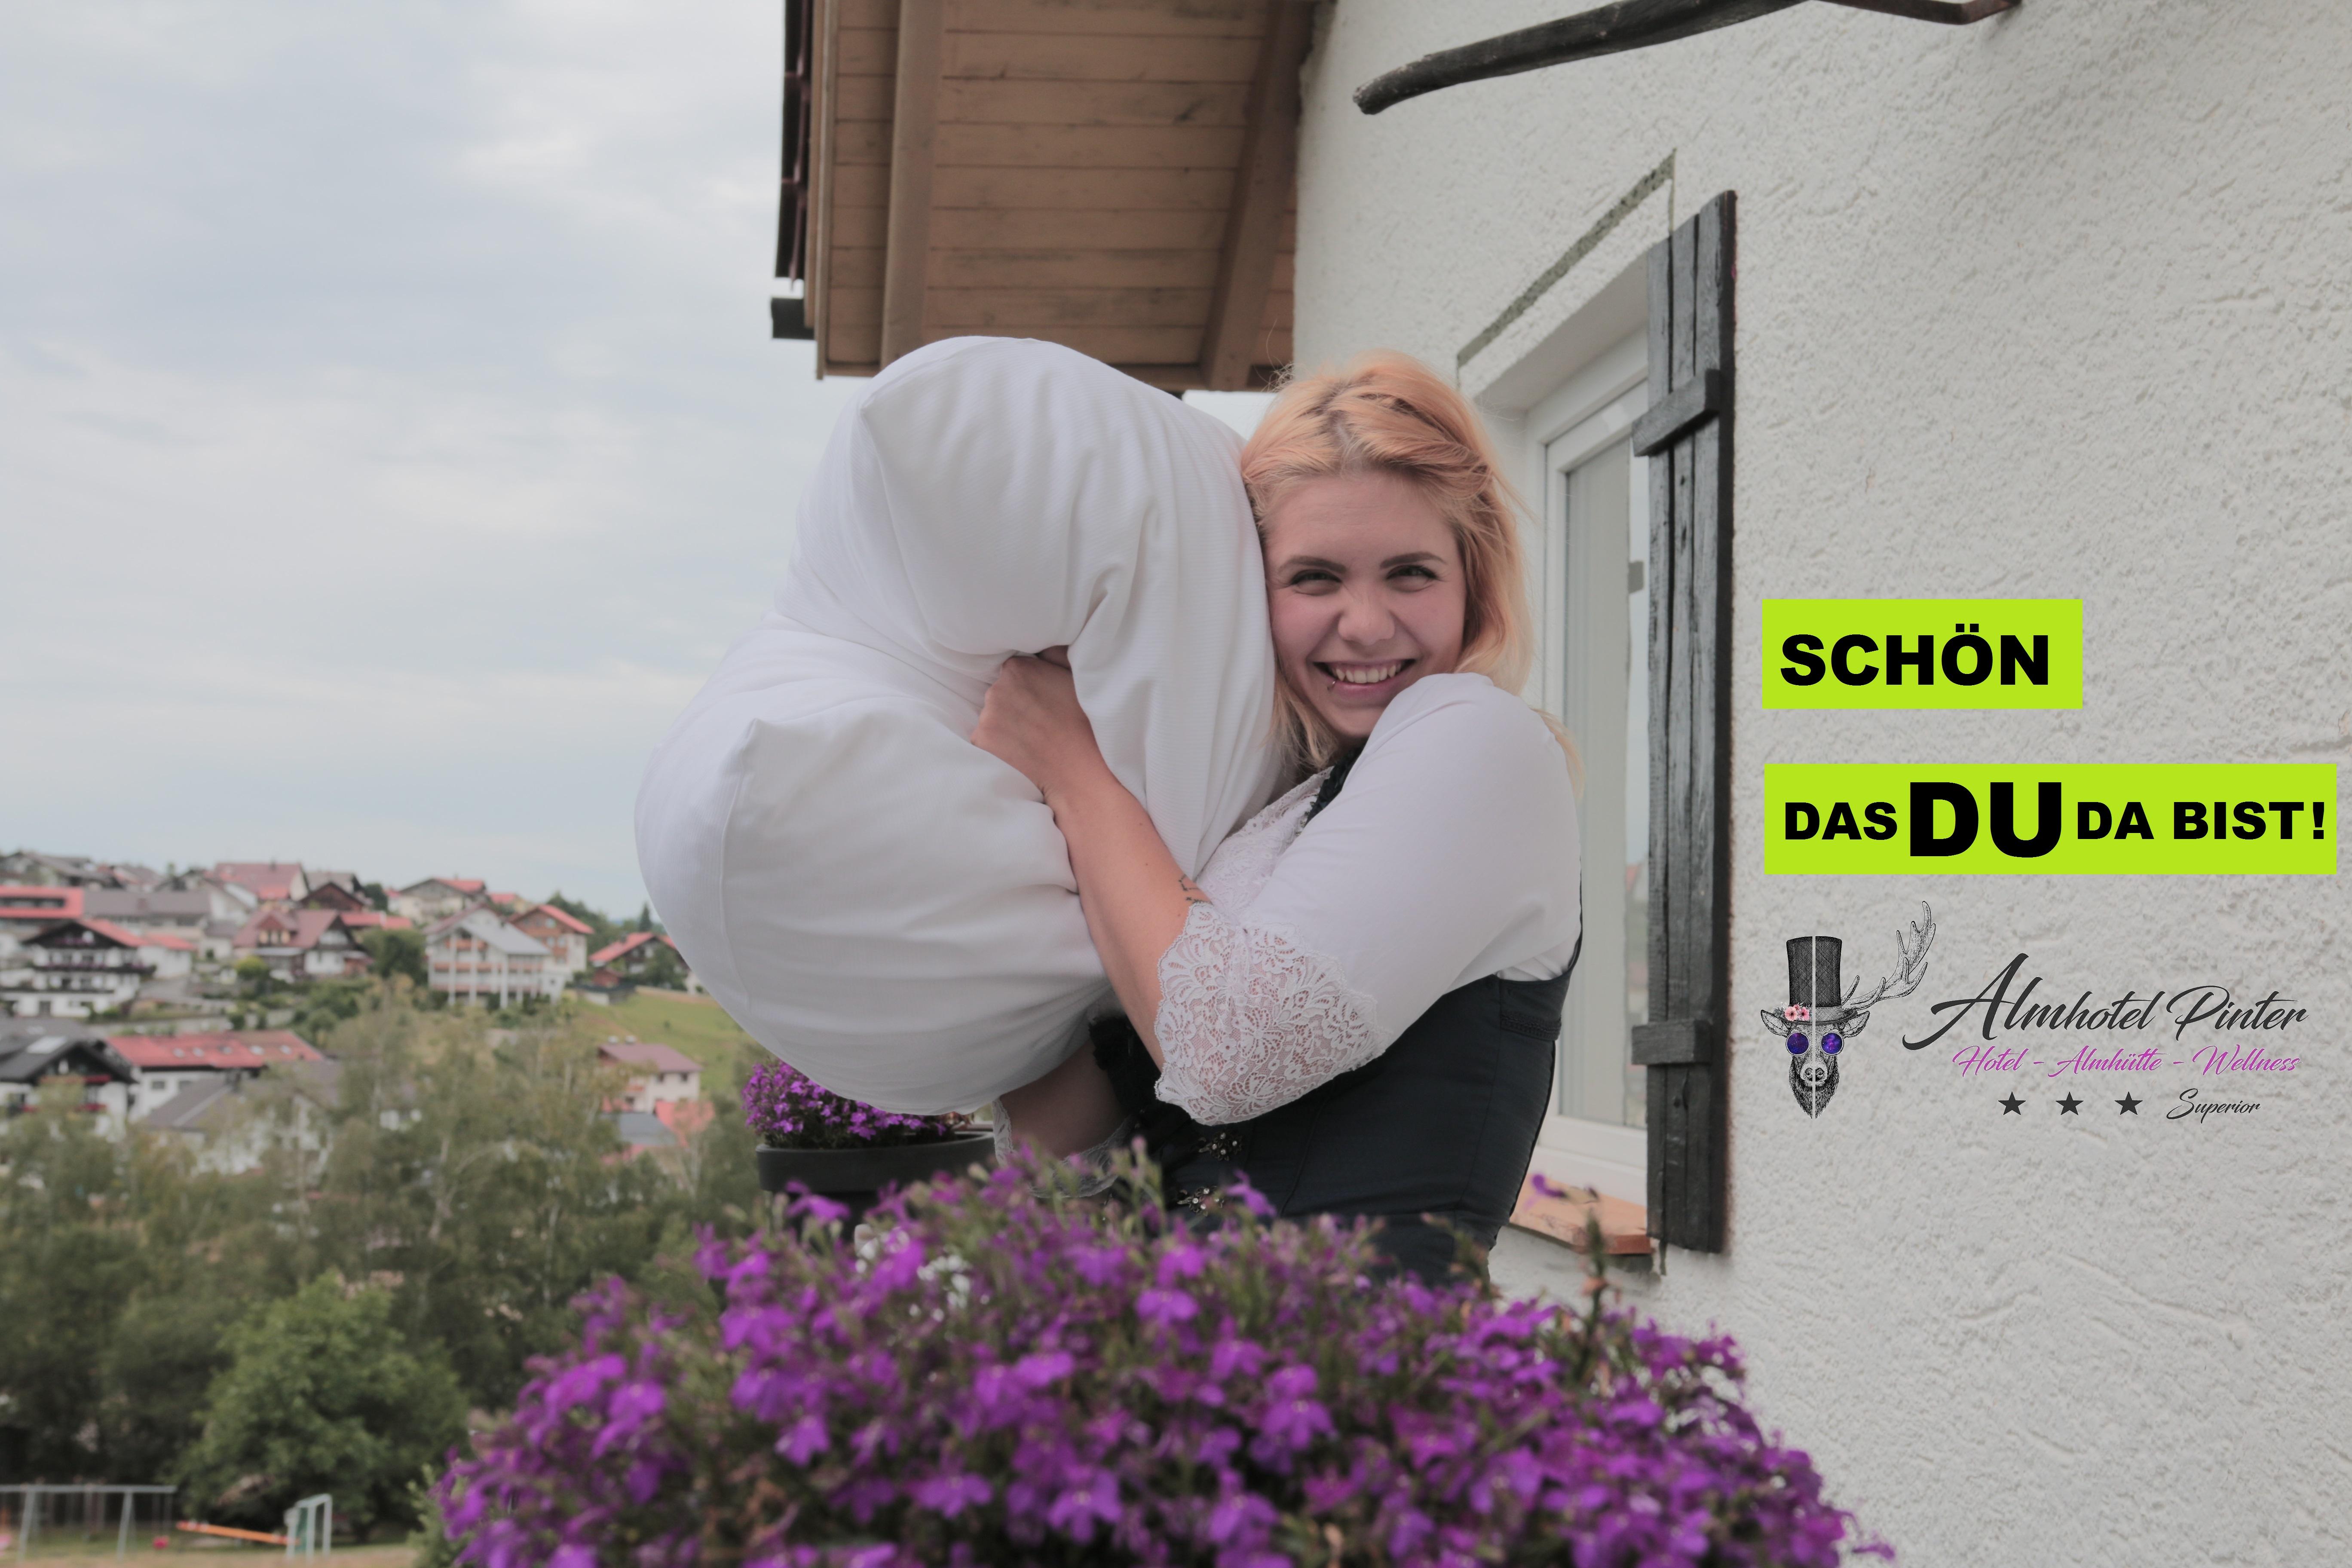 Schön_das_du_da_bist